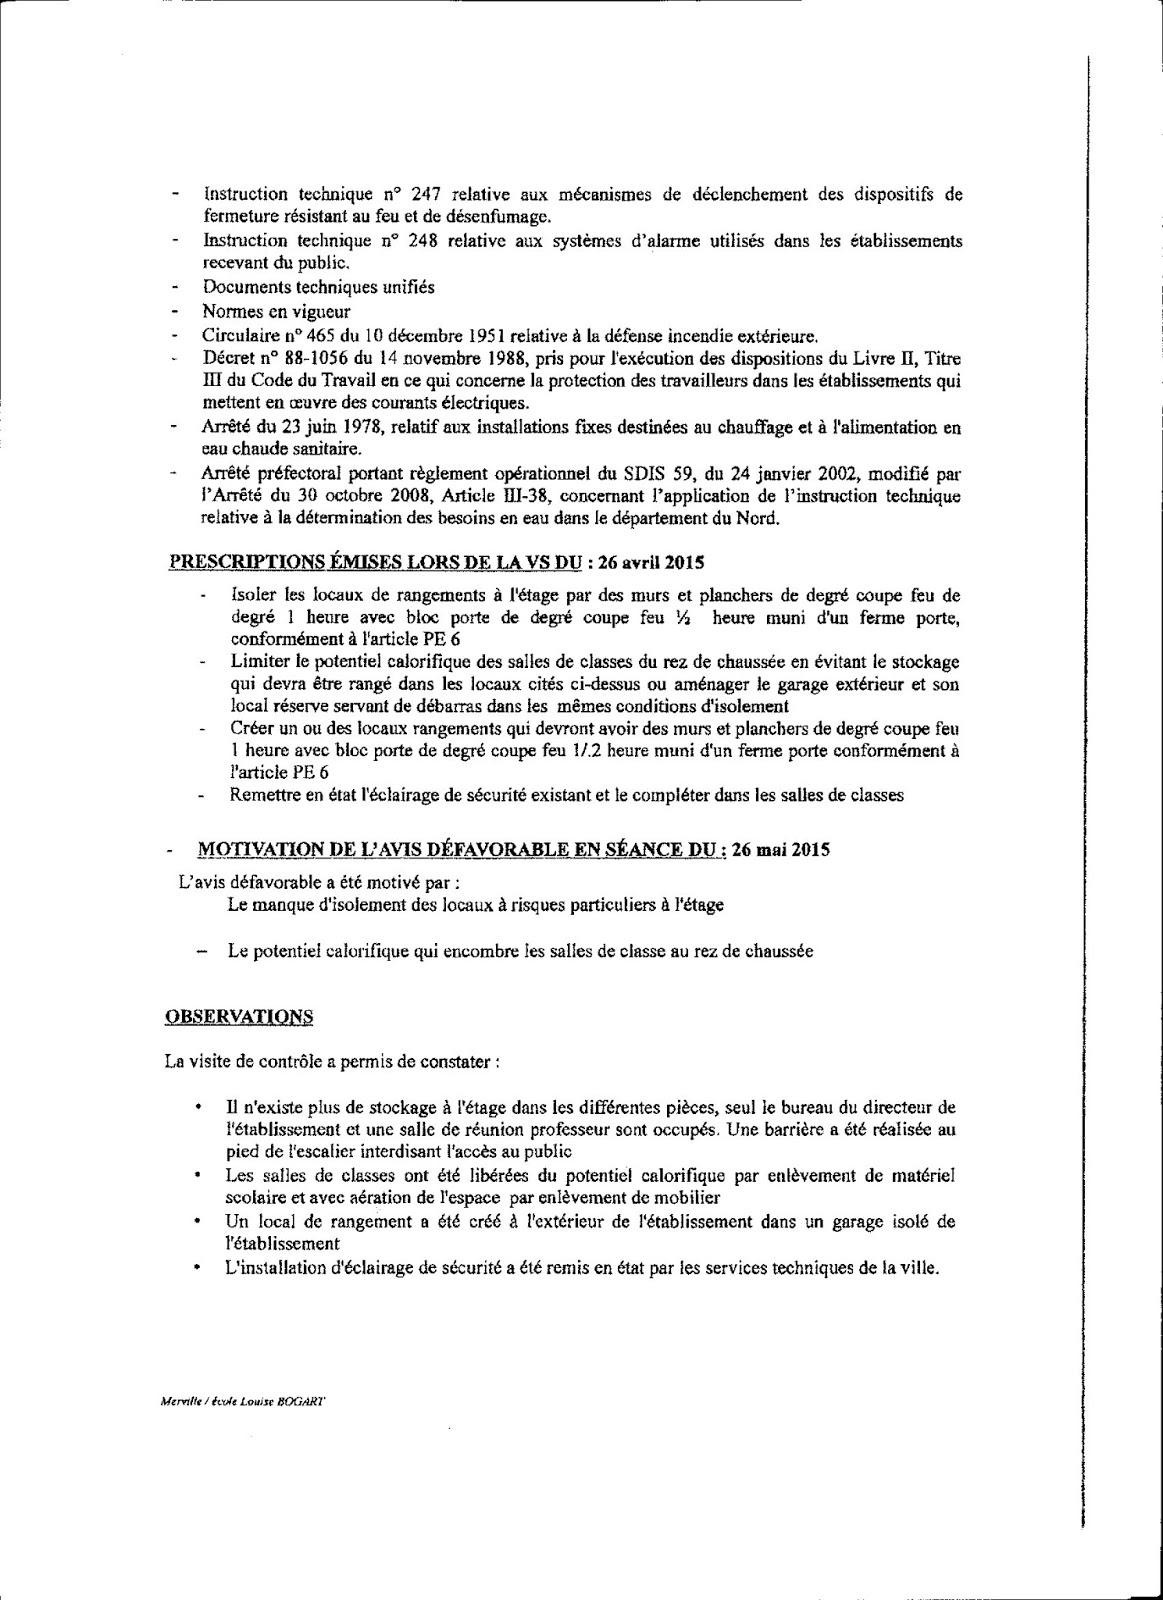 curriculum vitae in doc format common work weaknesses